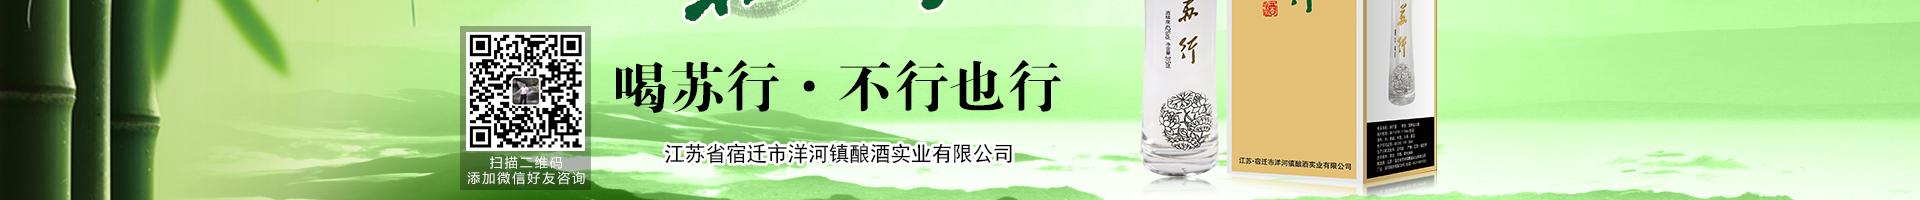 江苏省宿迁市洋河镇酿酒实业有限公司